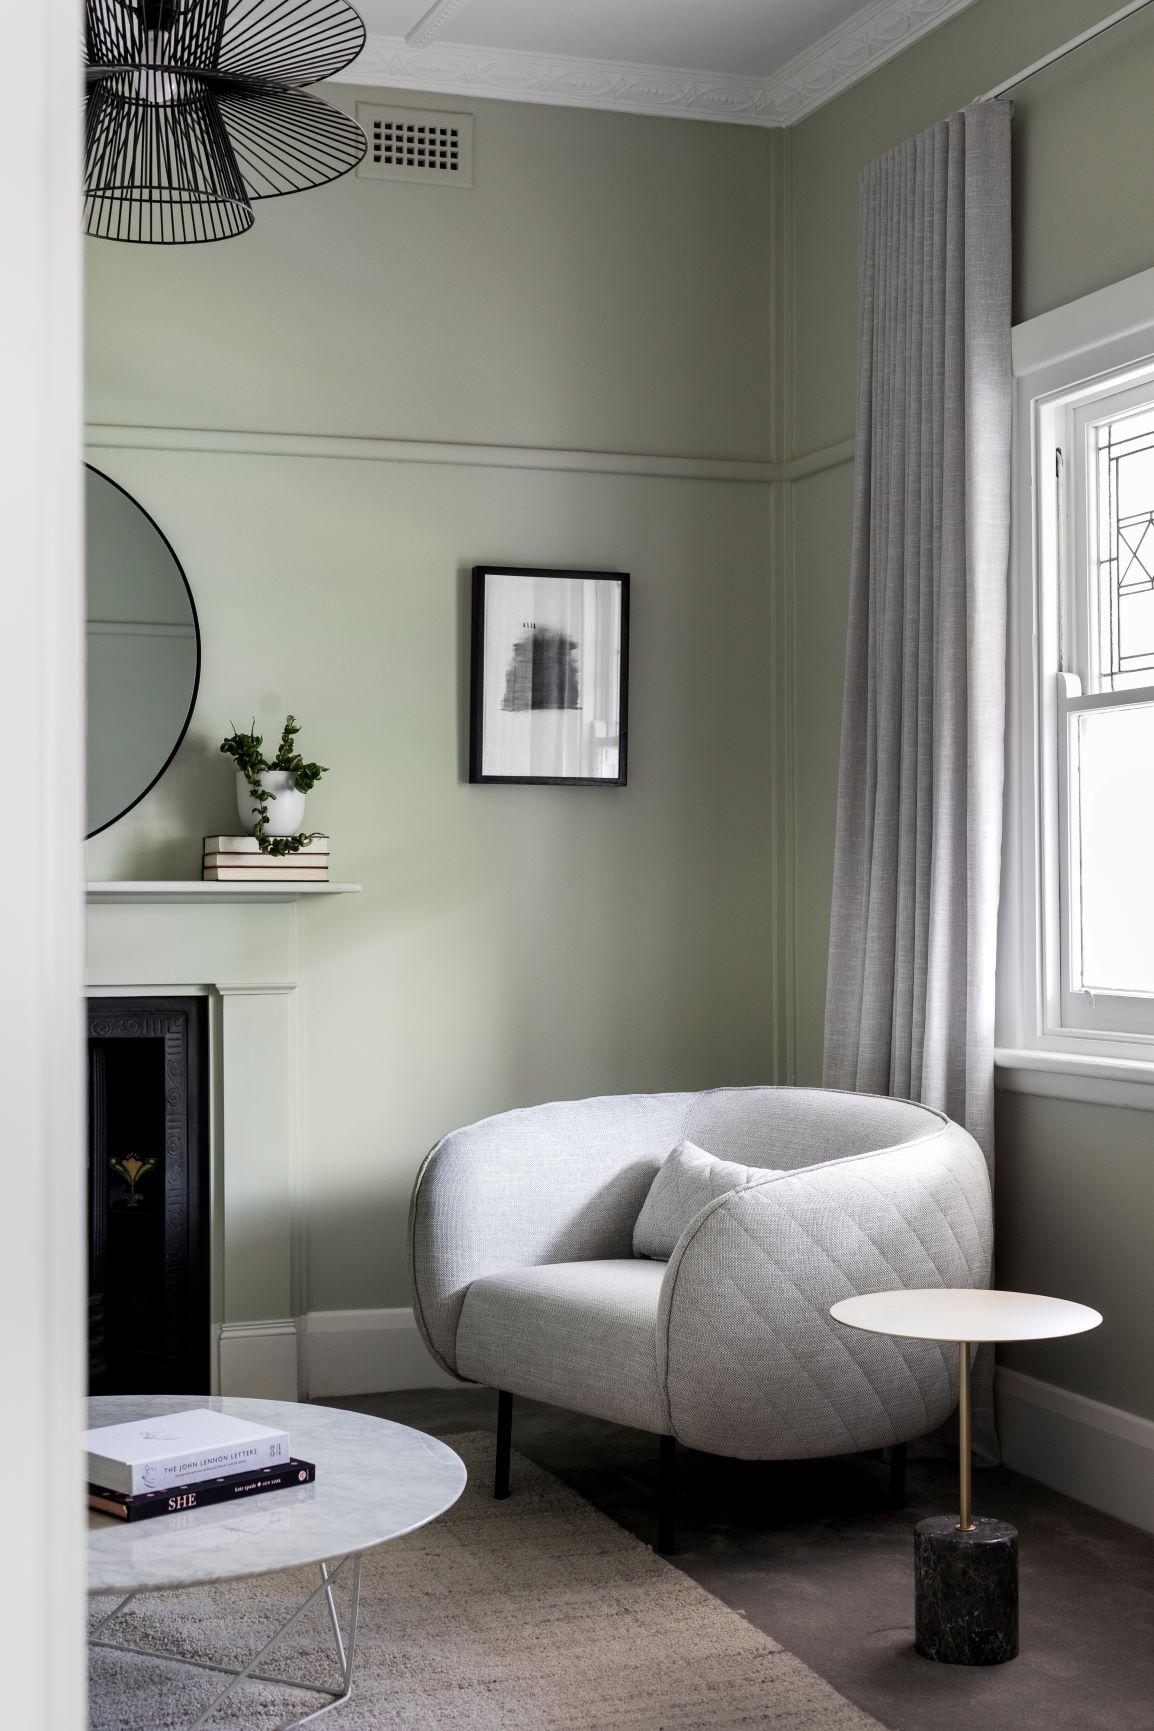 Robert Street Project - Modern House - Armchair